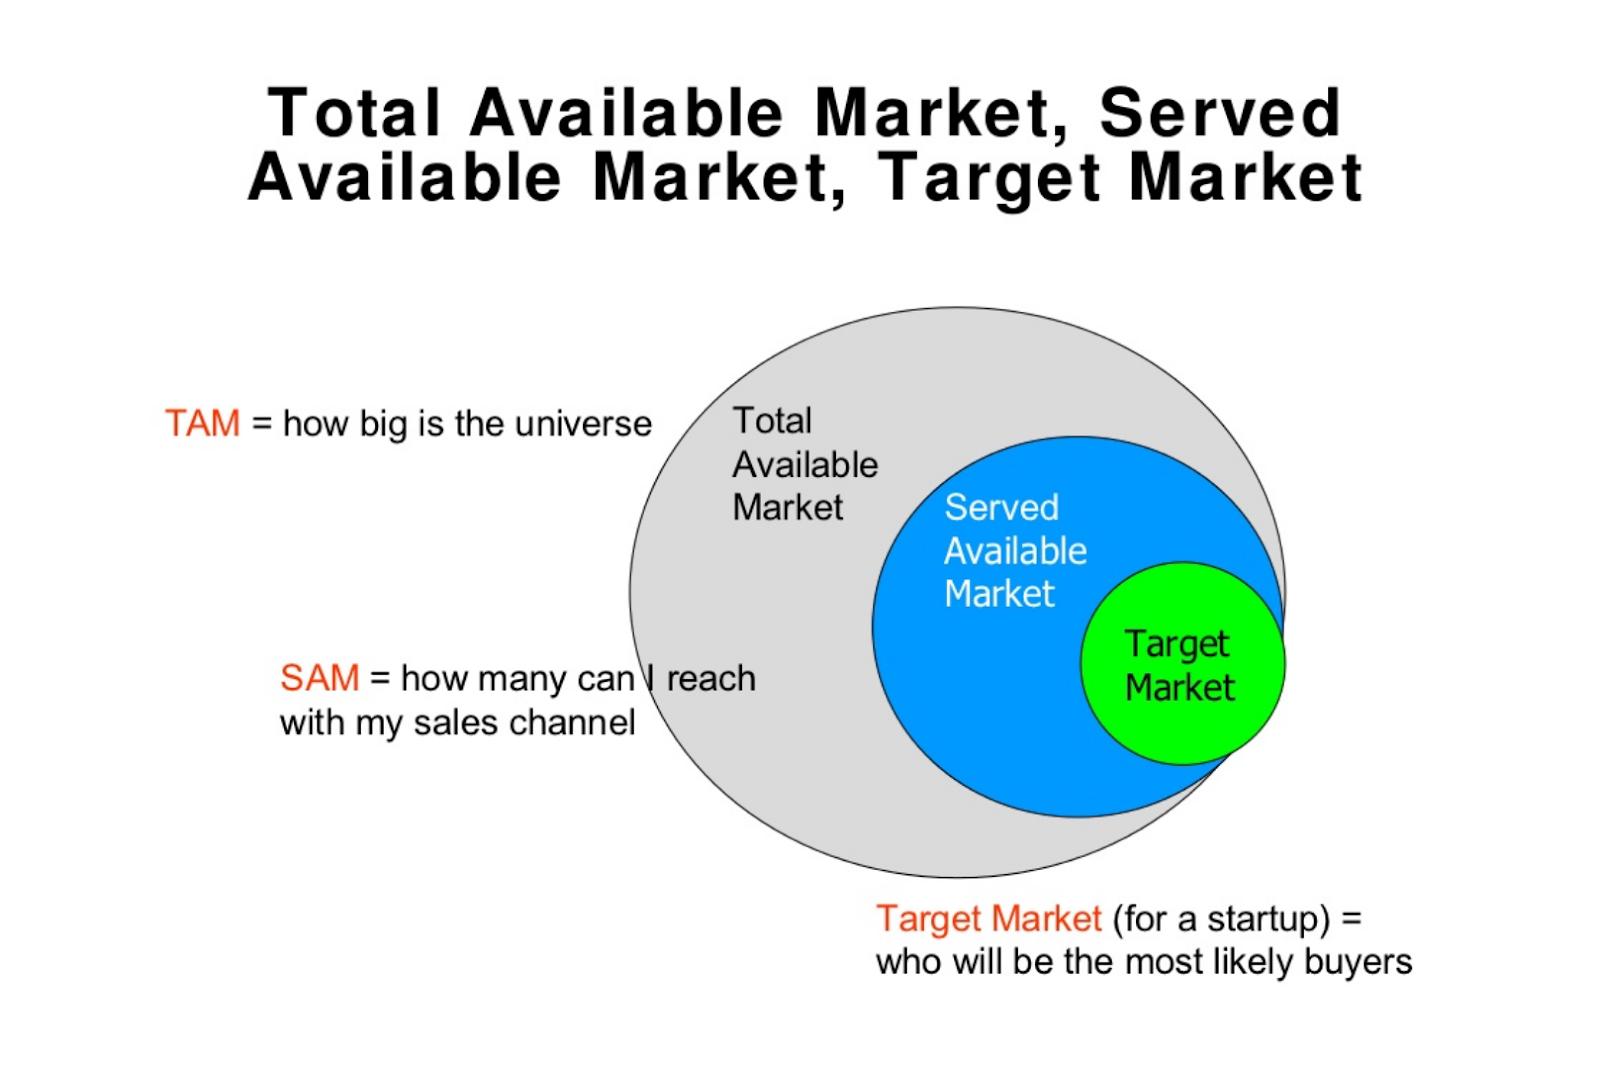 Target Market for a startup